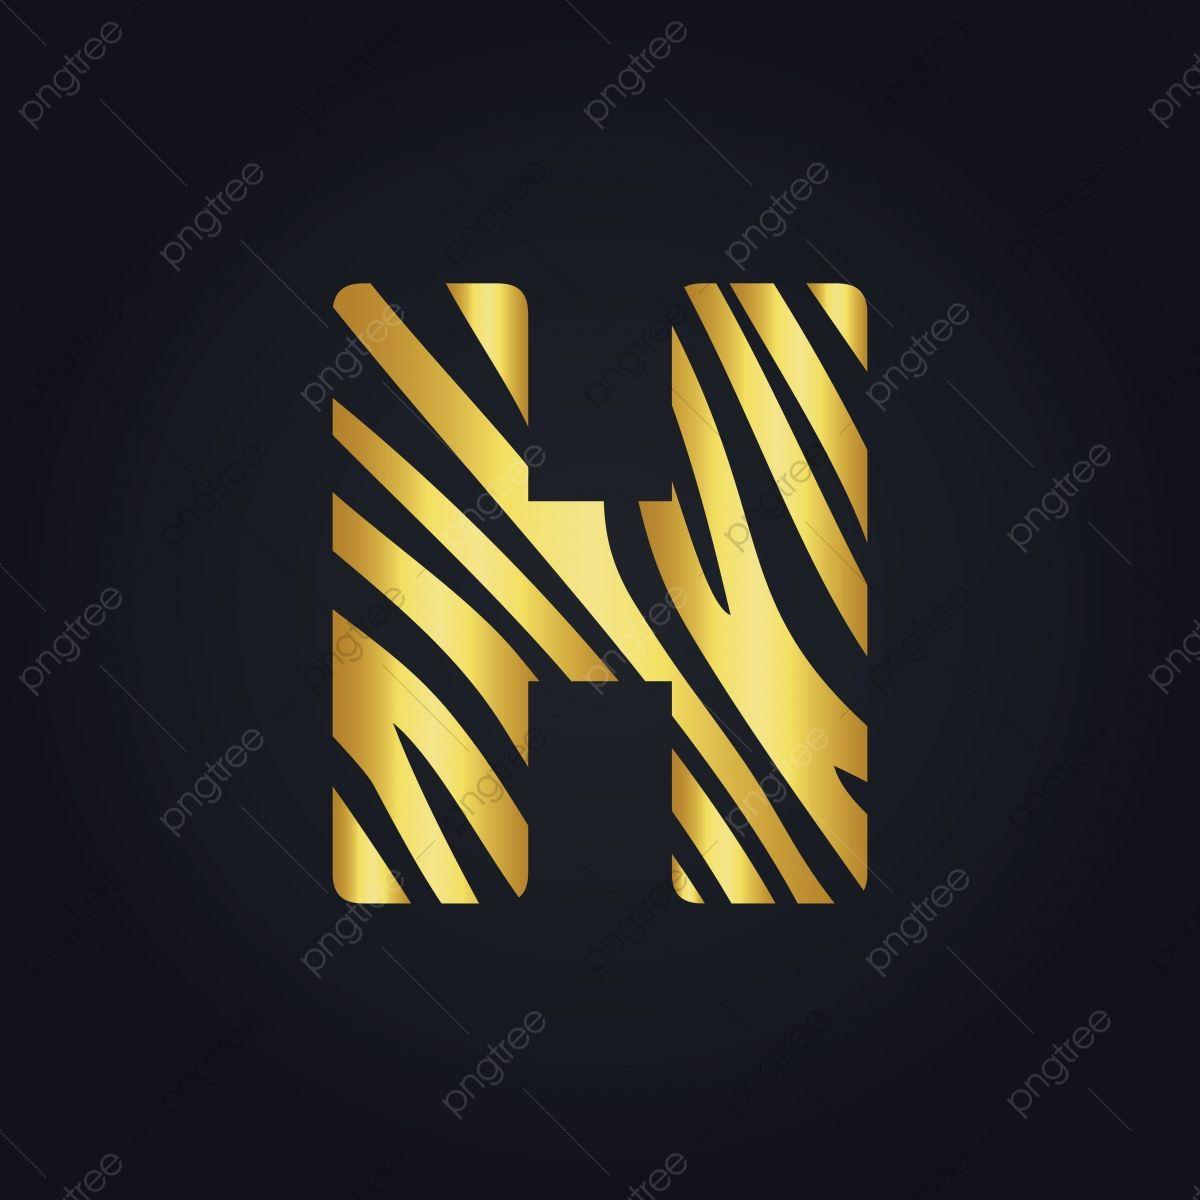 ح رسالة ناقلات تصميم شعار أول حرف ح تصميم الشعار شعارات أيقونات أيقونات الرسالة نبذة مختصرة Png والمتجهات للتحميل مجانا Vector Design Vector Logo Letter Logo